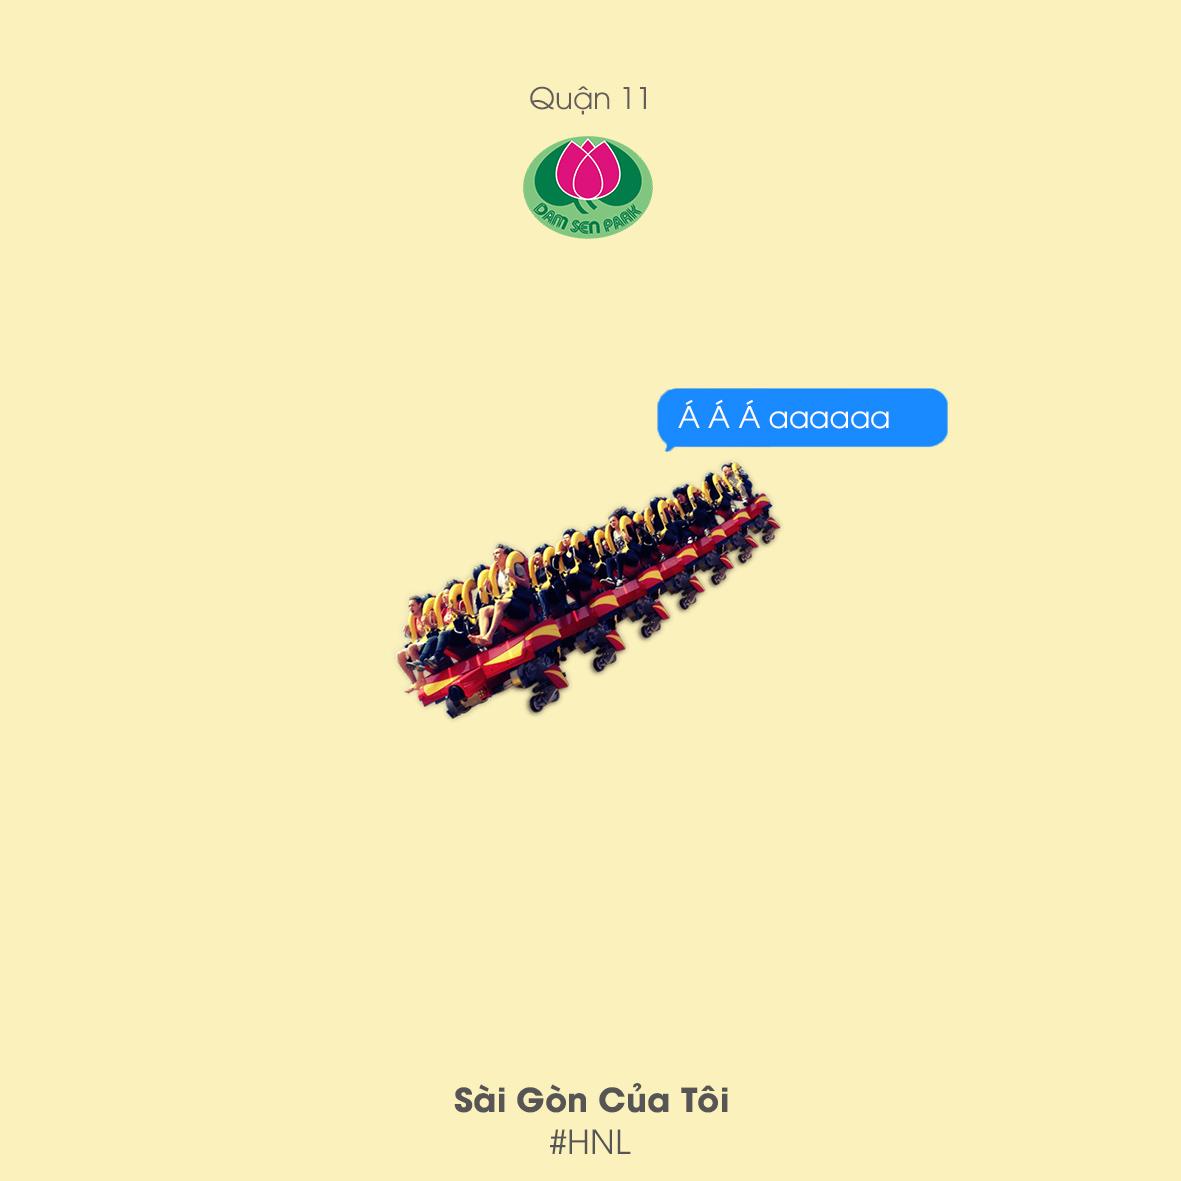 Nghe hết âm thanh đặc trưng của 24 quận huyện Sài Gòn để biết vì sao ở đây nhộn nhịp quá chừng! - Ảnh 20.